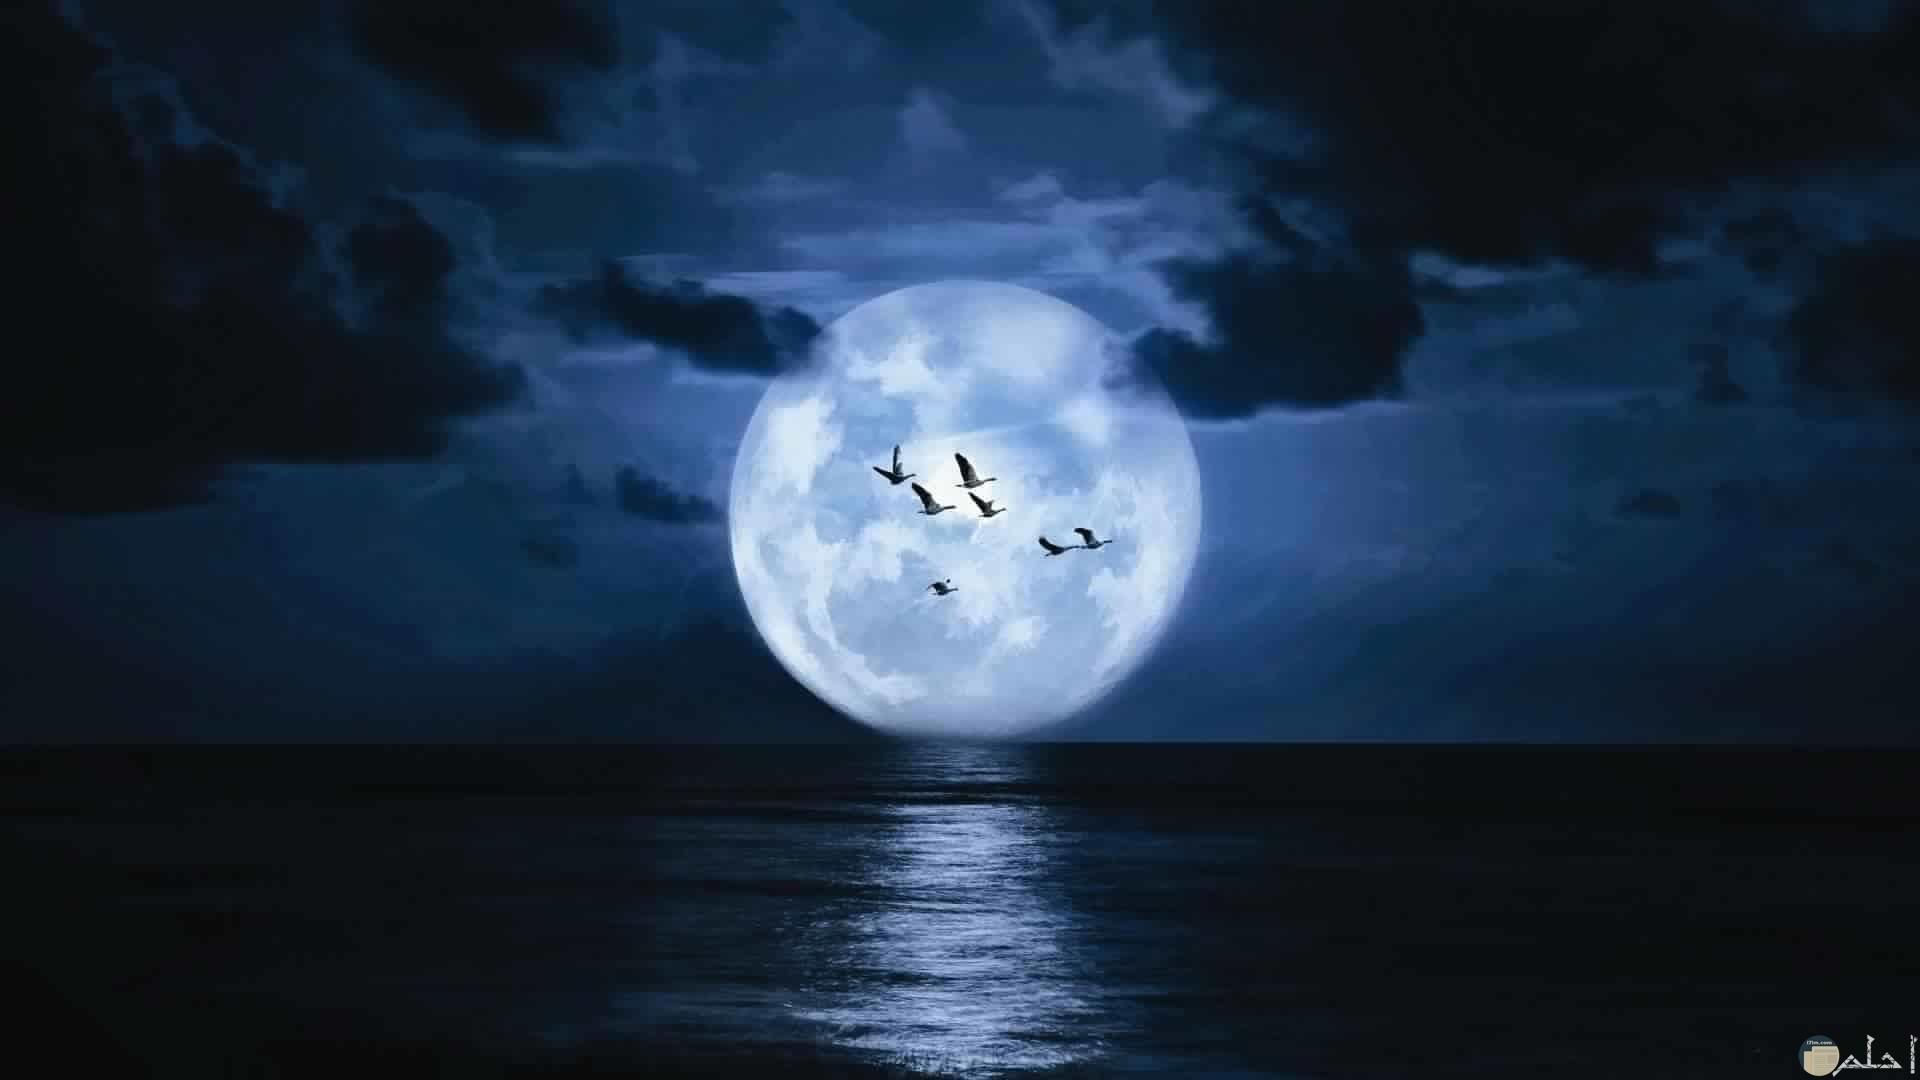 قمر وبحر وليل من اجمل الصور للقمر